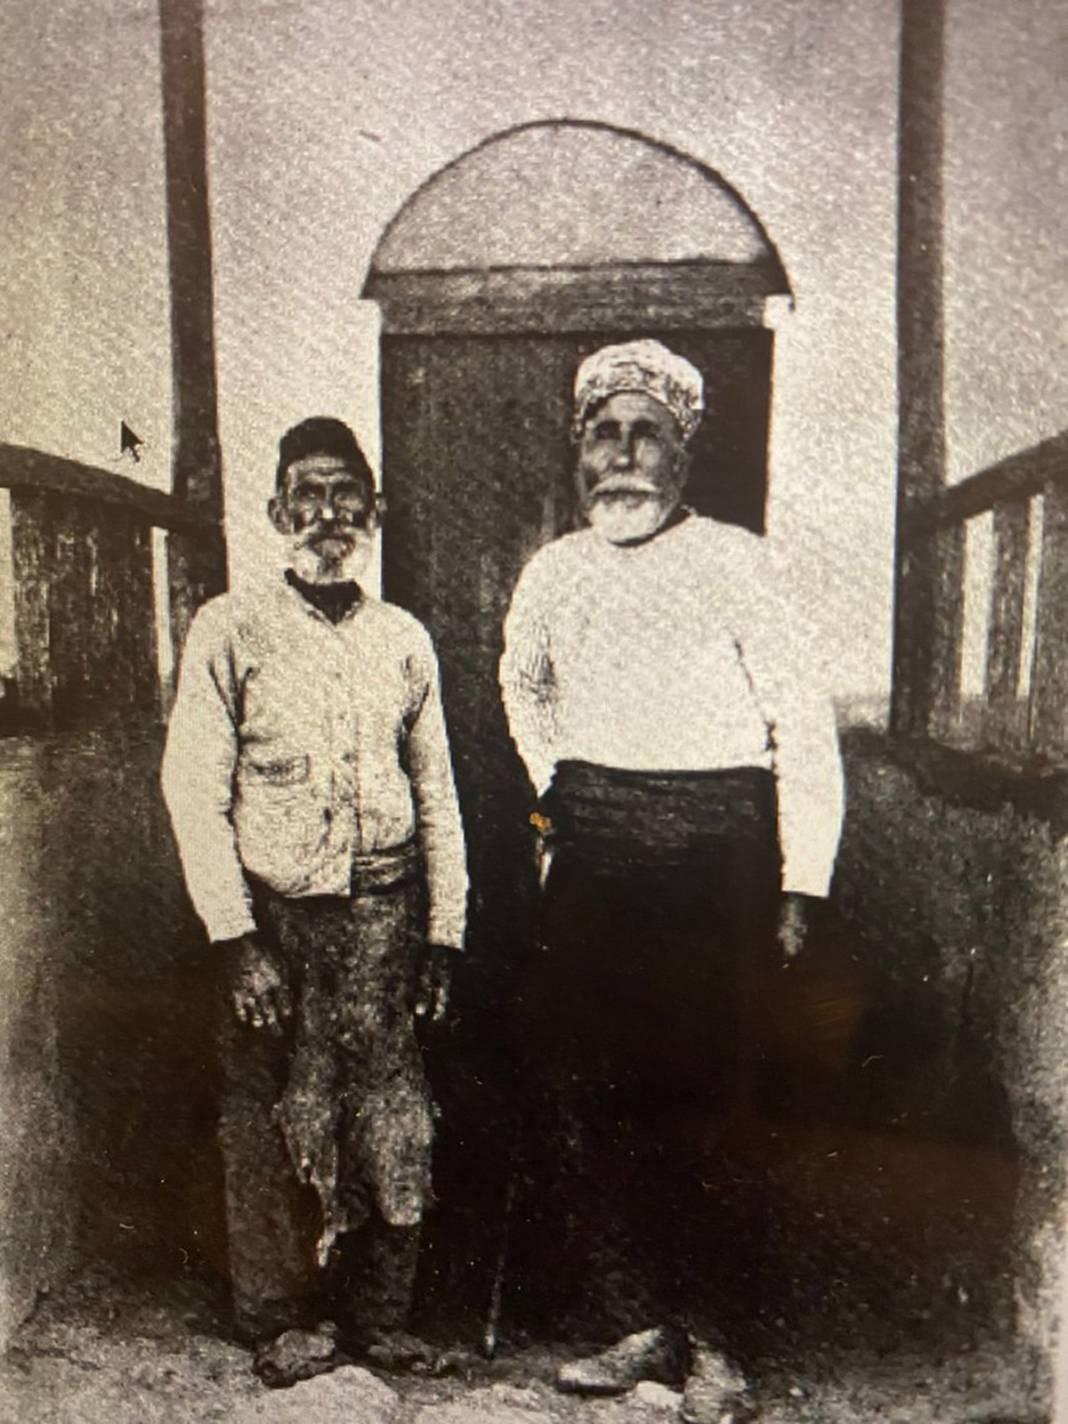 İşte Dobruca'da yaşayan Türklerin tarihine ışık tutacak kareler 26